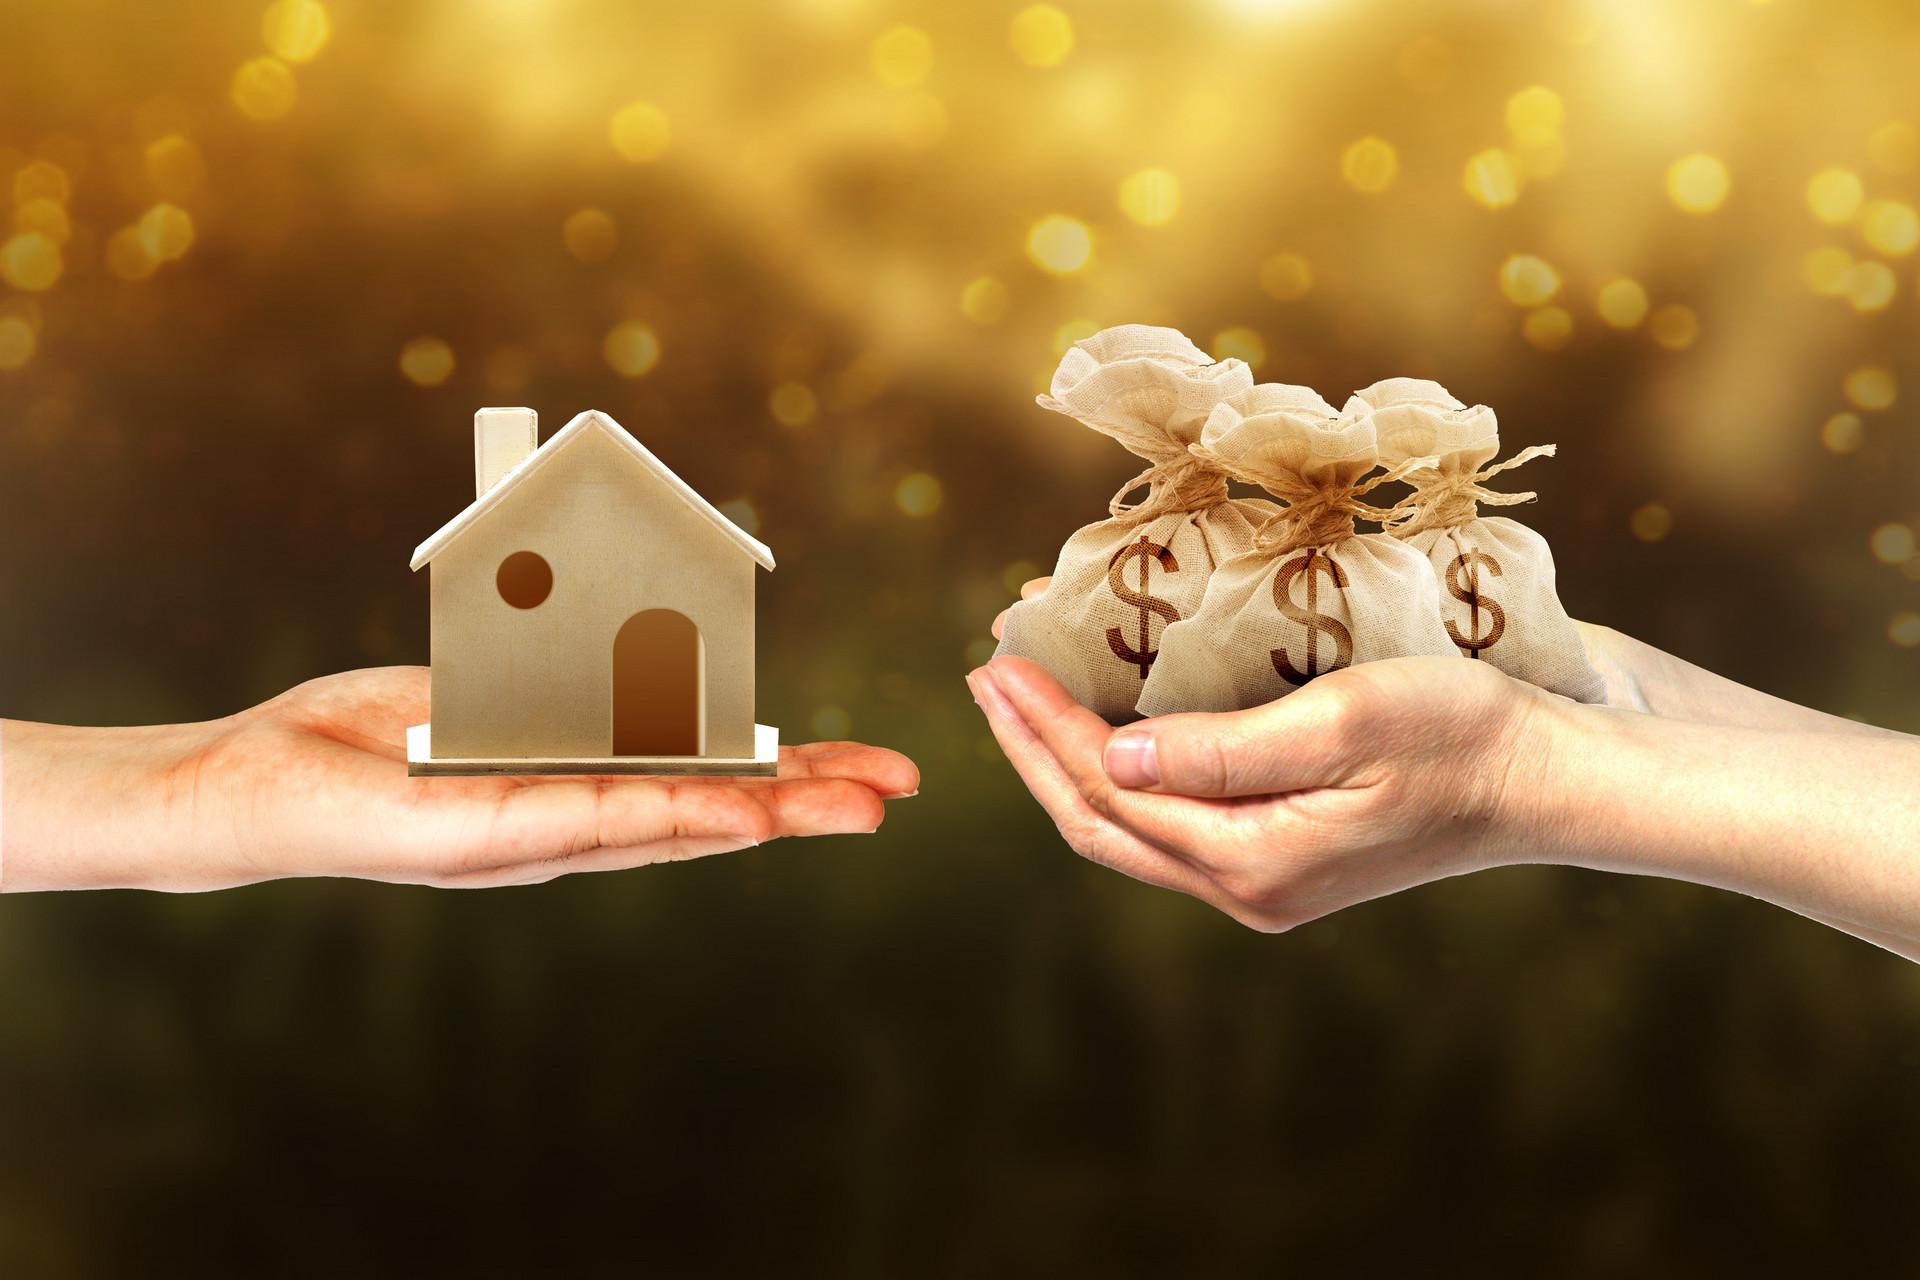 新引进人才租房补贴申请条件+材料